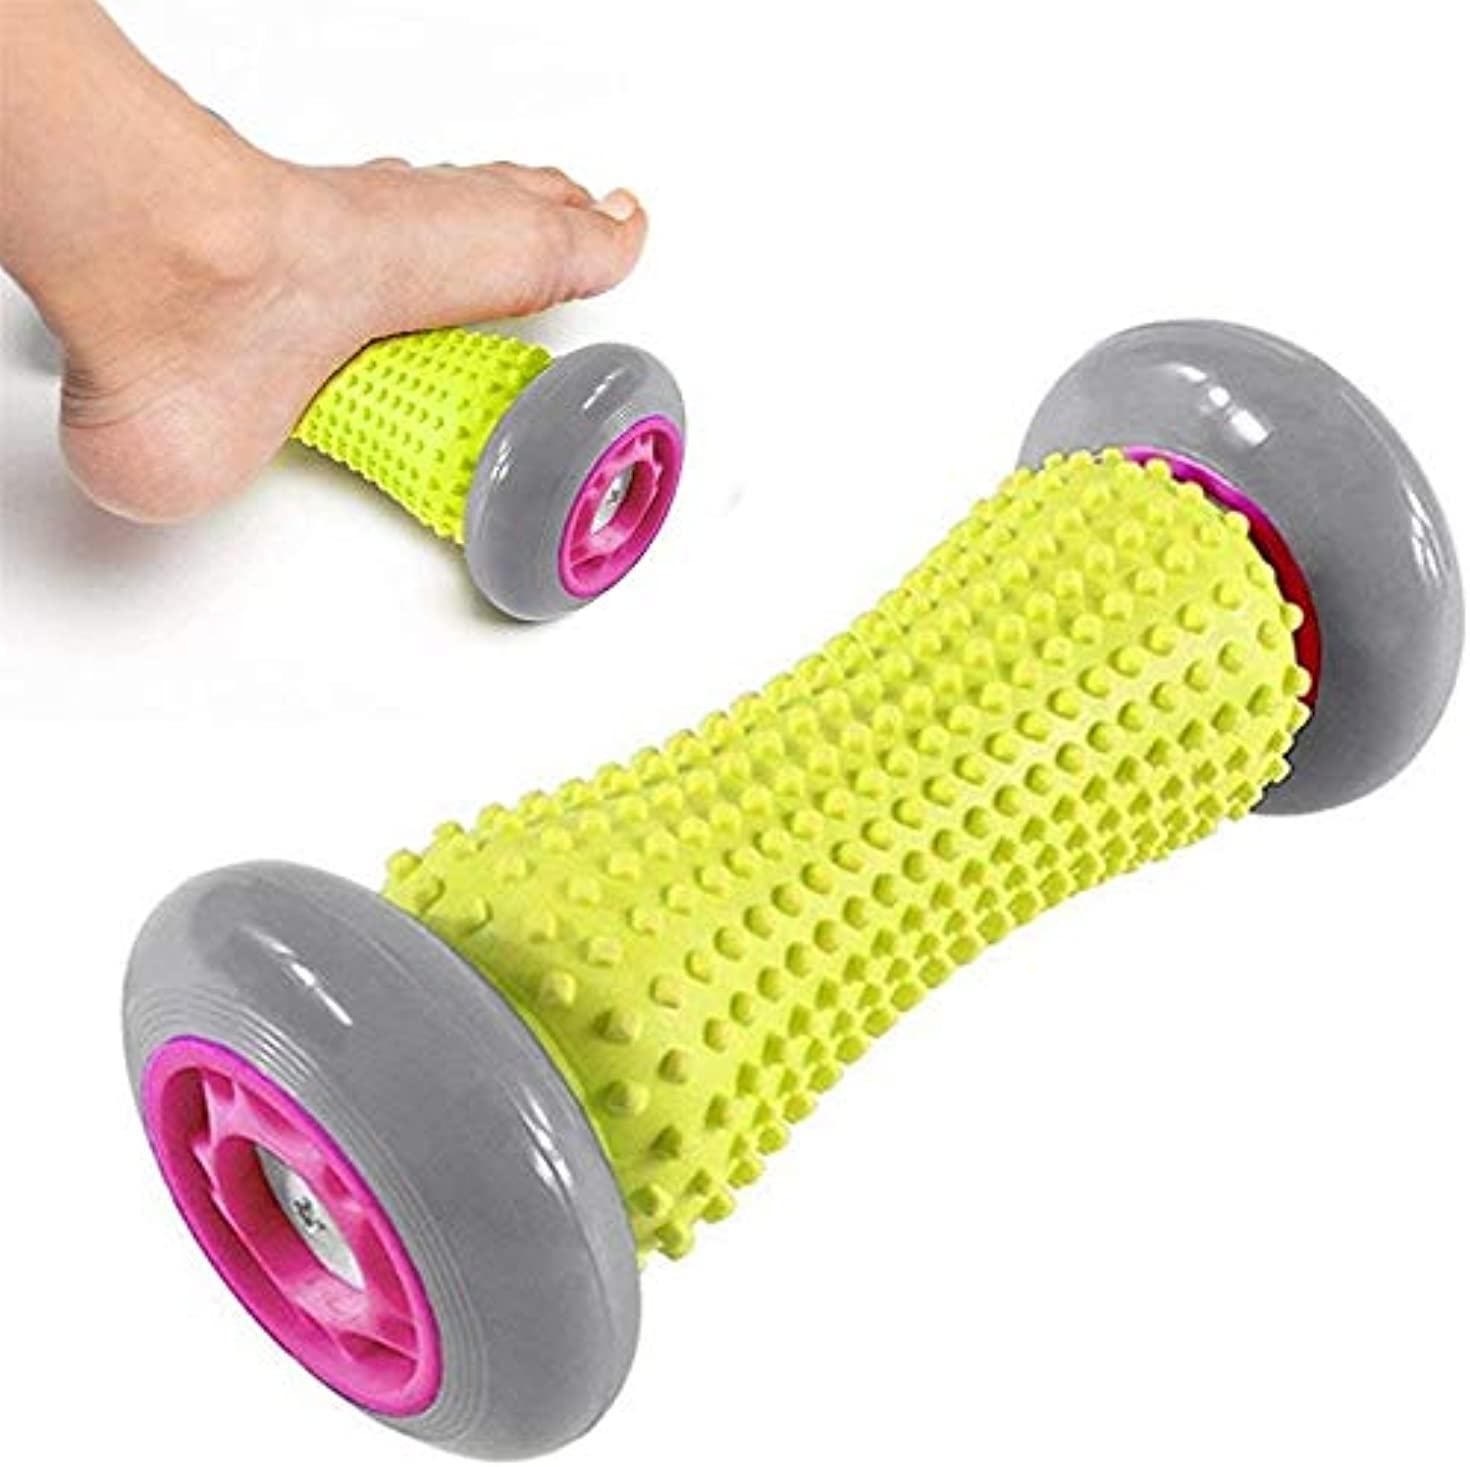 通常サスティーンコースフットマッサージローラー、リラクゼーションとストレス軽減のために足のアーチの痛みと足底筋膜炎の筋肉ローラースティック、指圧リフレクソロジーツールを和らげます